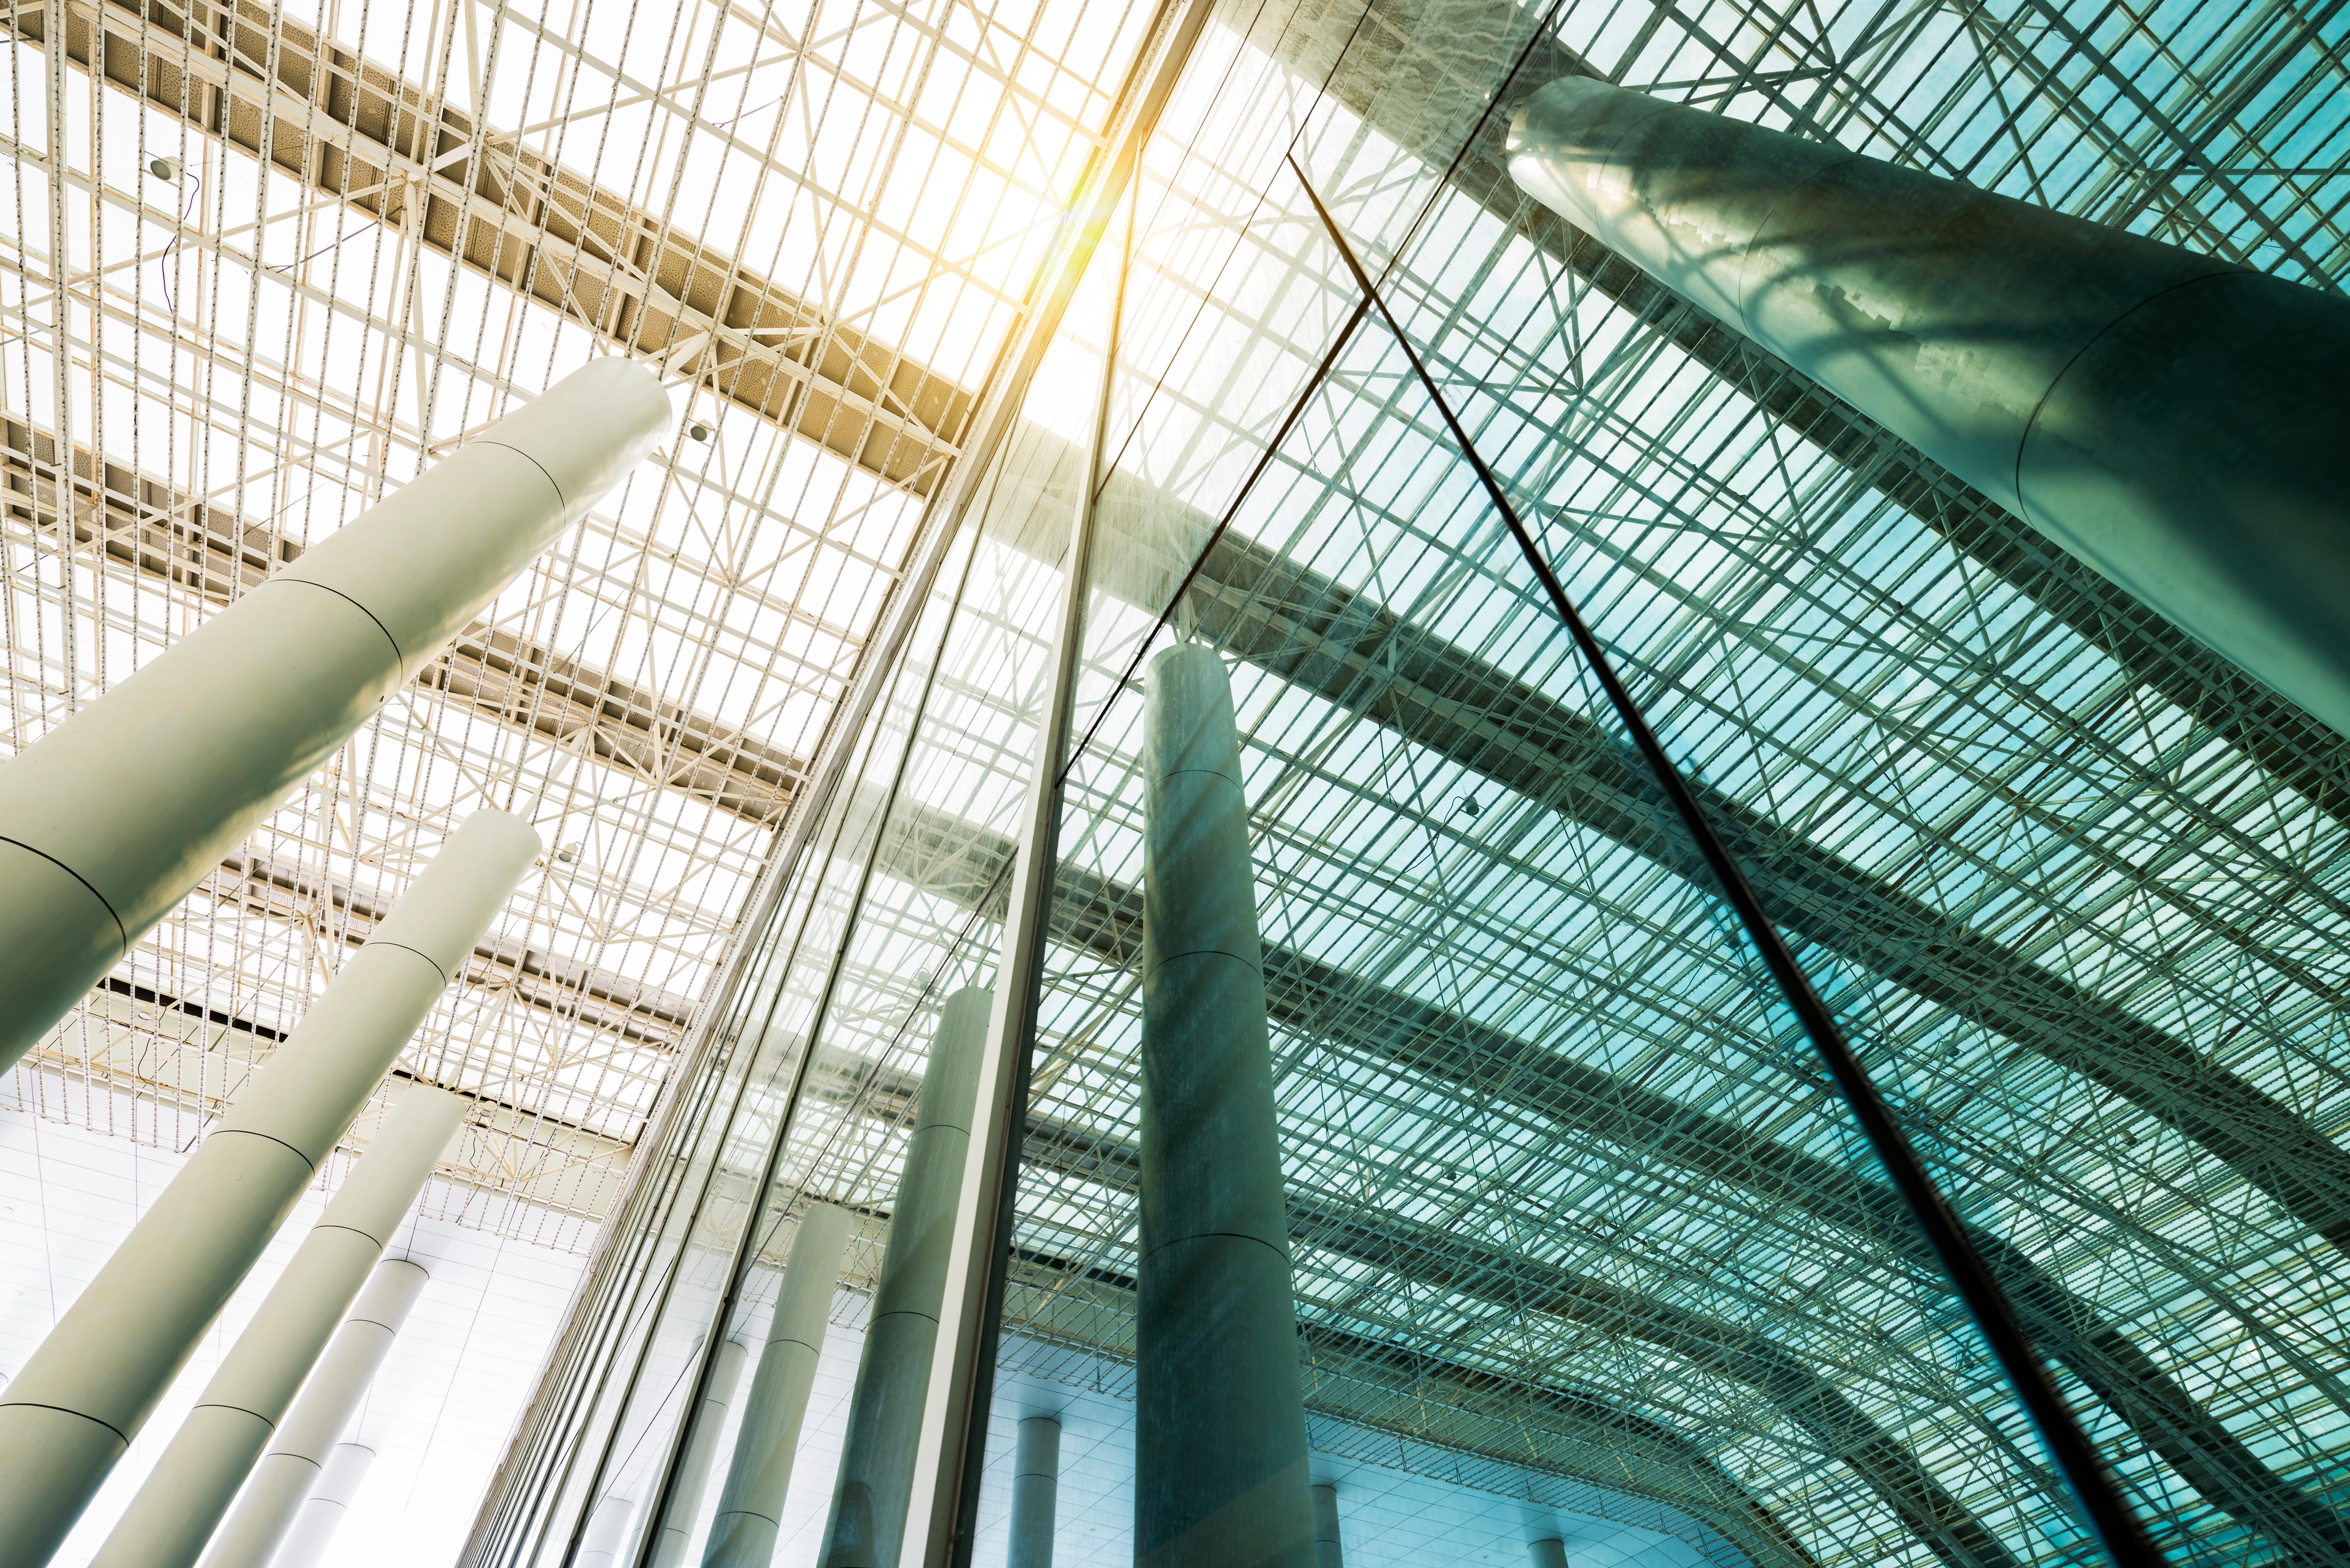 Mimarlık Üzerine Okumanız Gereken 10 Kitap Tavsiyesi